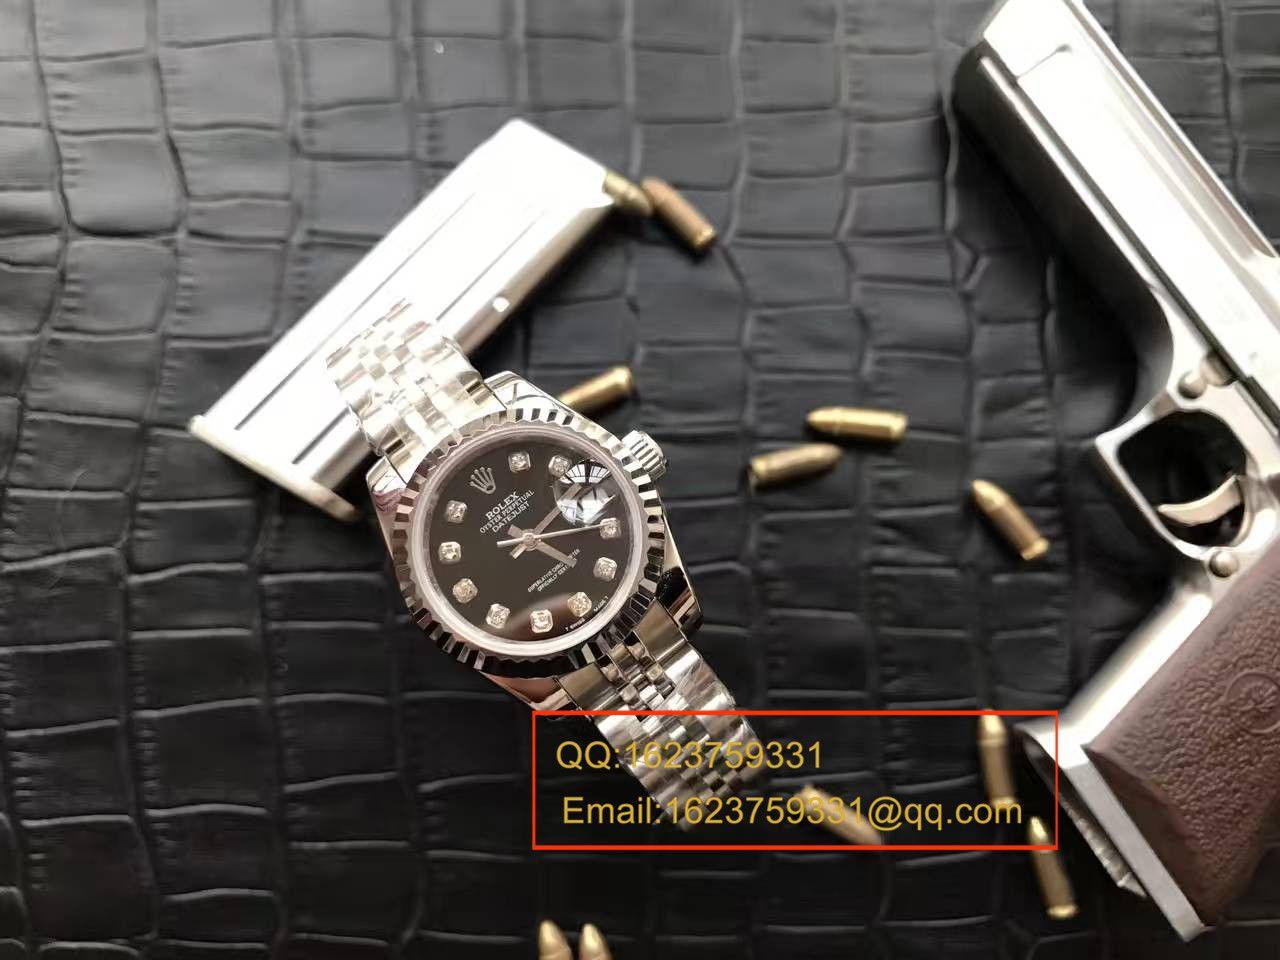 【台湾厂顶级复刻手表】劳力士女装日志型系列179174黑盘镶钻女士腕表 / RB0170